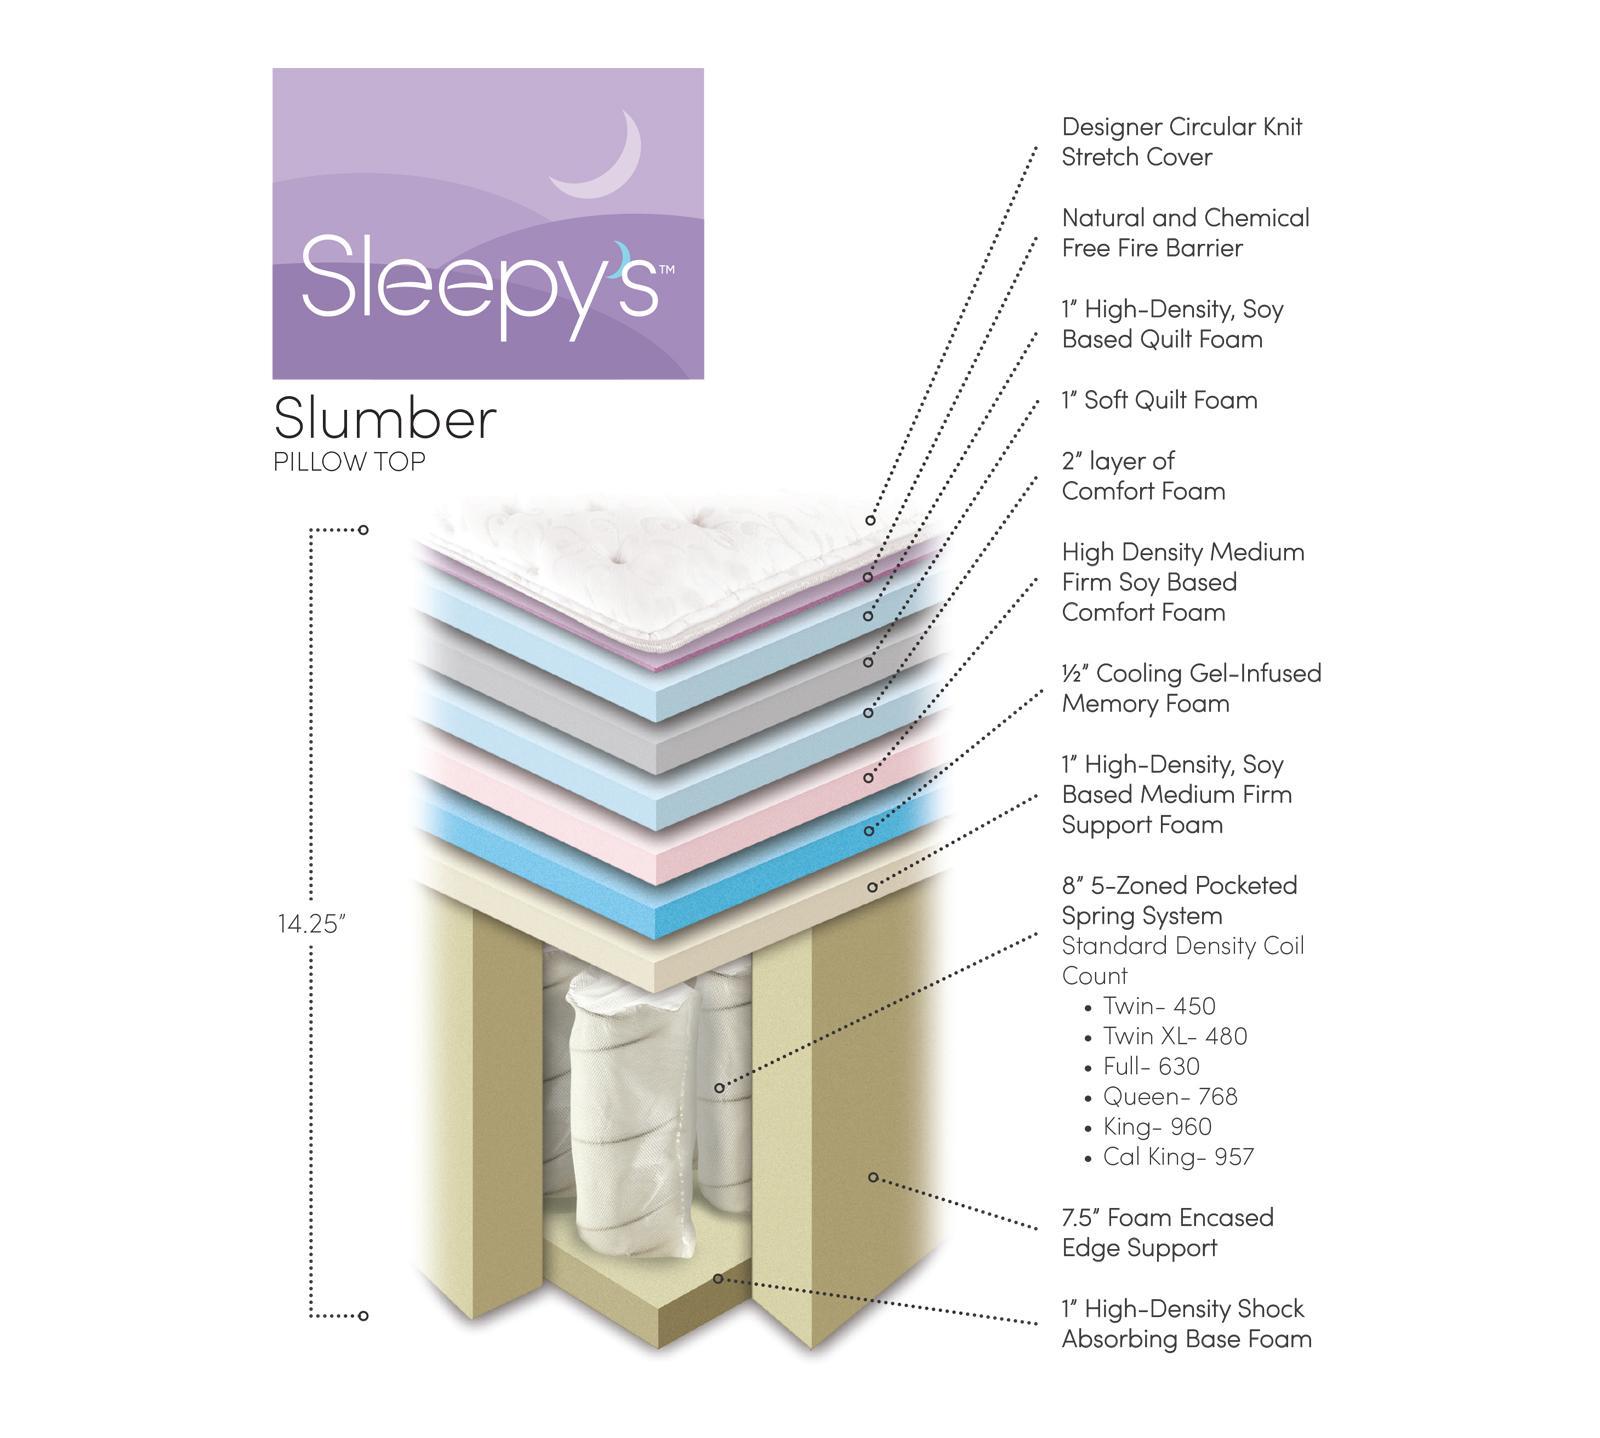 Sleepy's Slumber Pillow Top - Mattress Reviews   GoodBed.com